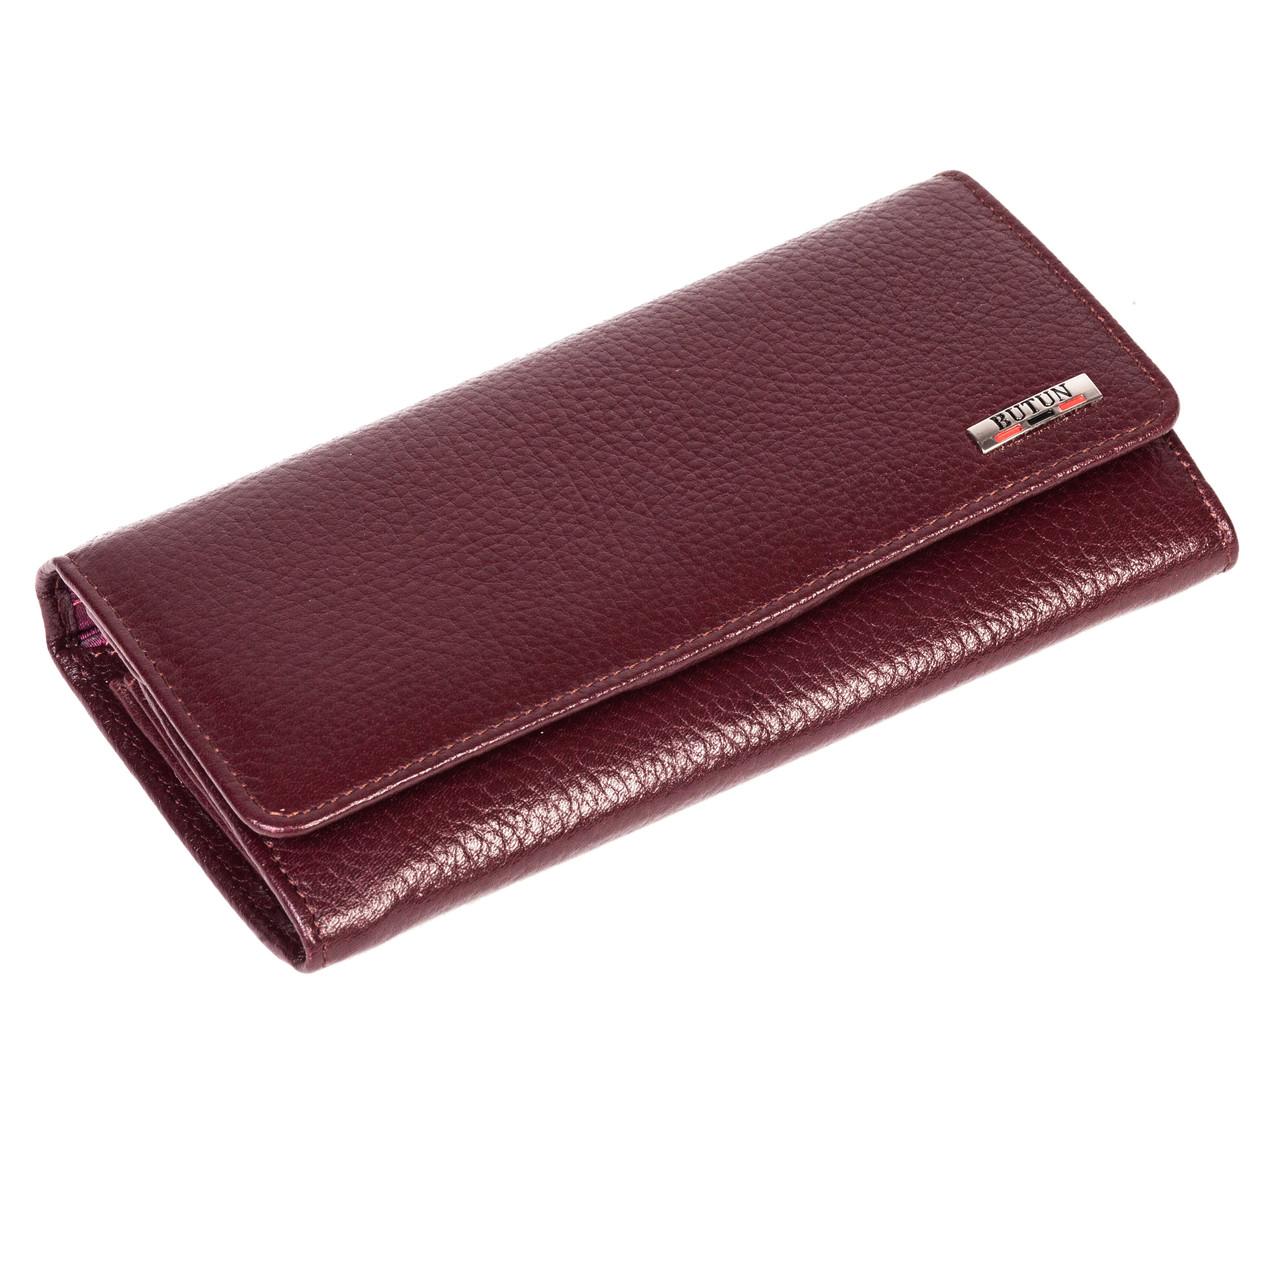 Женский кошелек Butun 592-004-002 кожаный бордовый